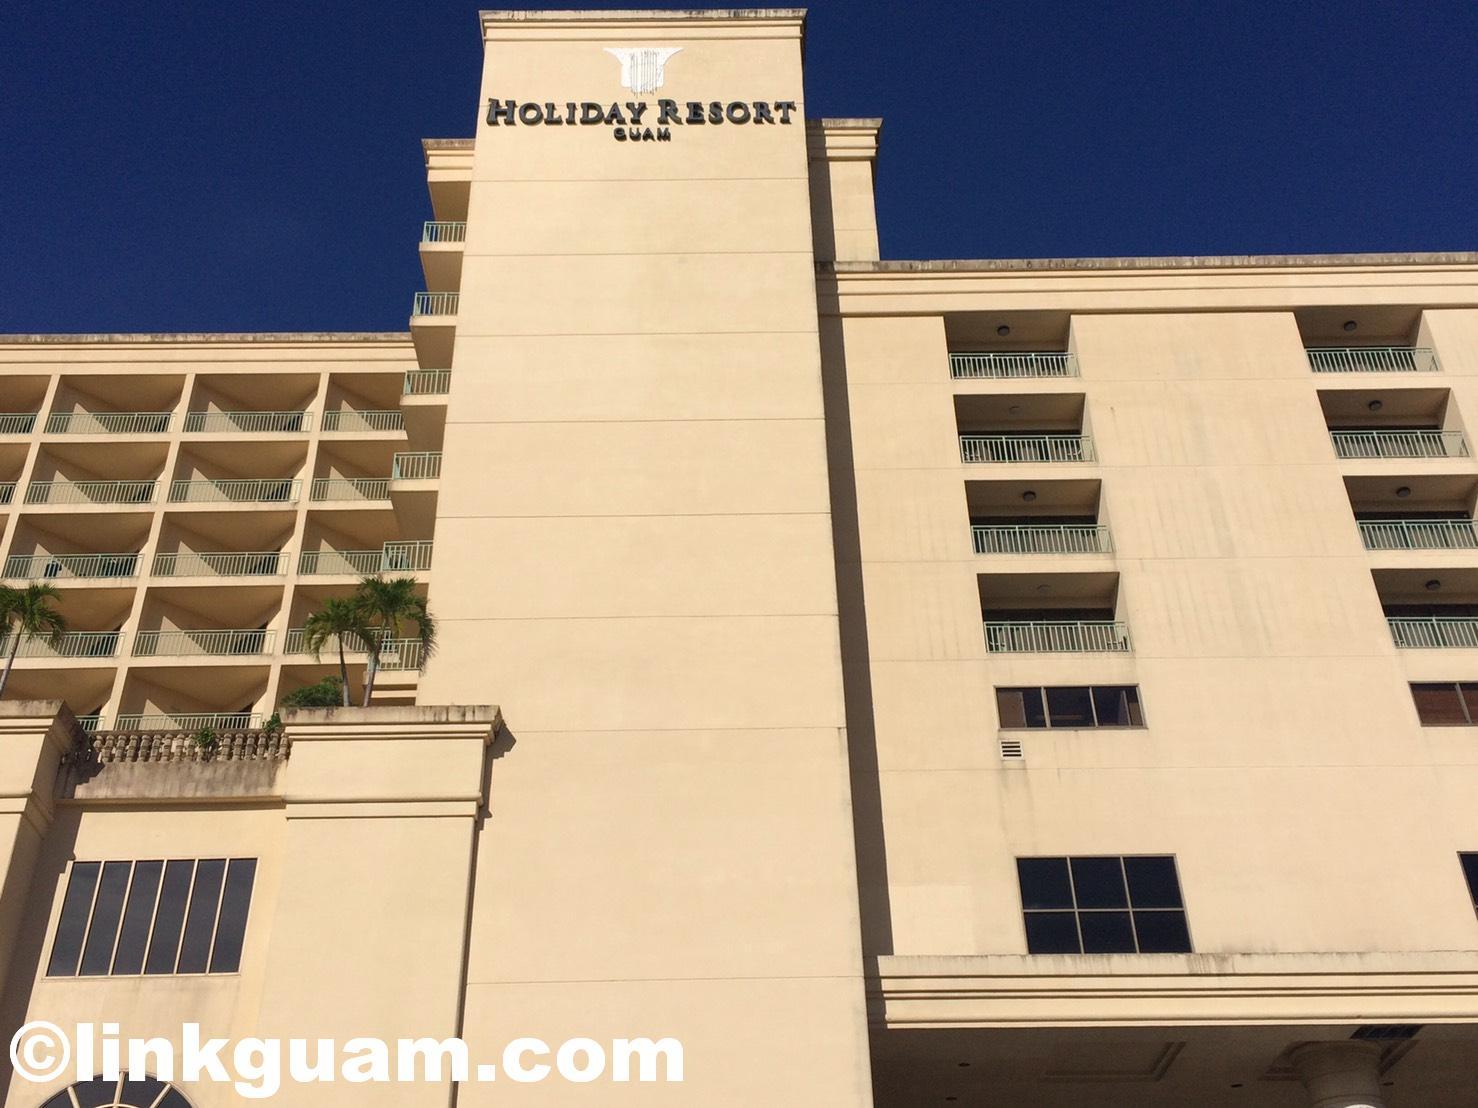 グアム ホテル ホリデイリゾート レストラン ビーチ ホリデイ予約 安い 子連れ 家族 guam holiday resort beach